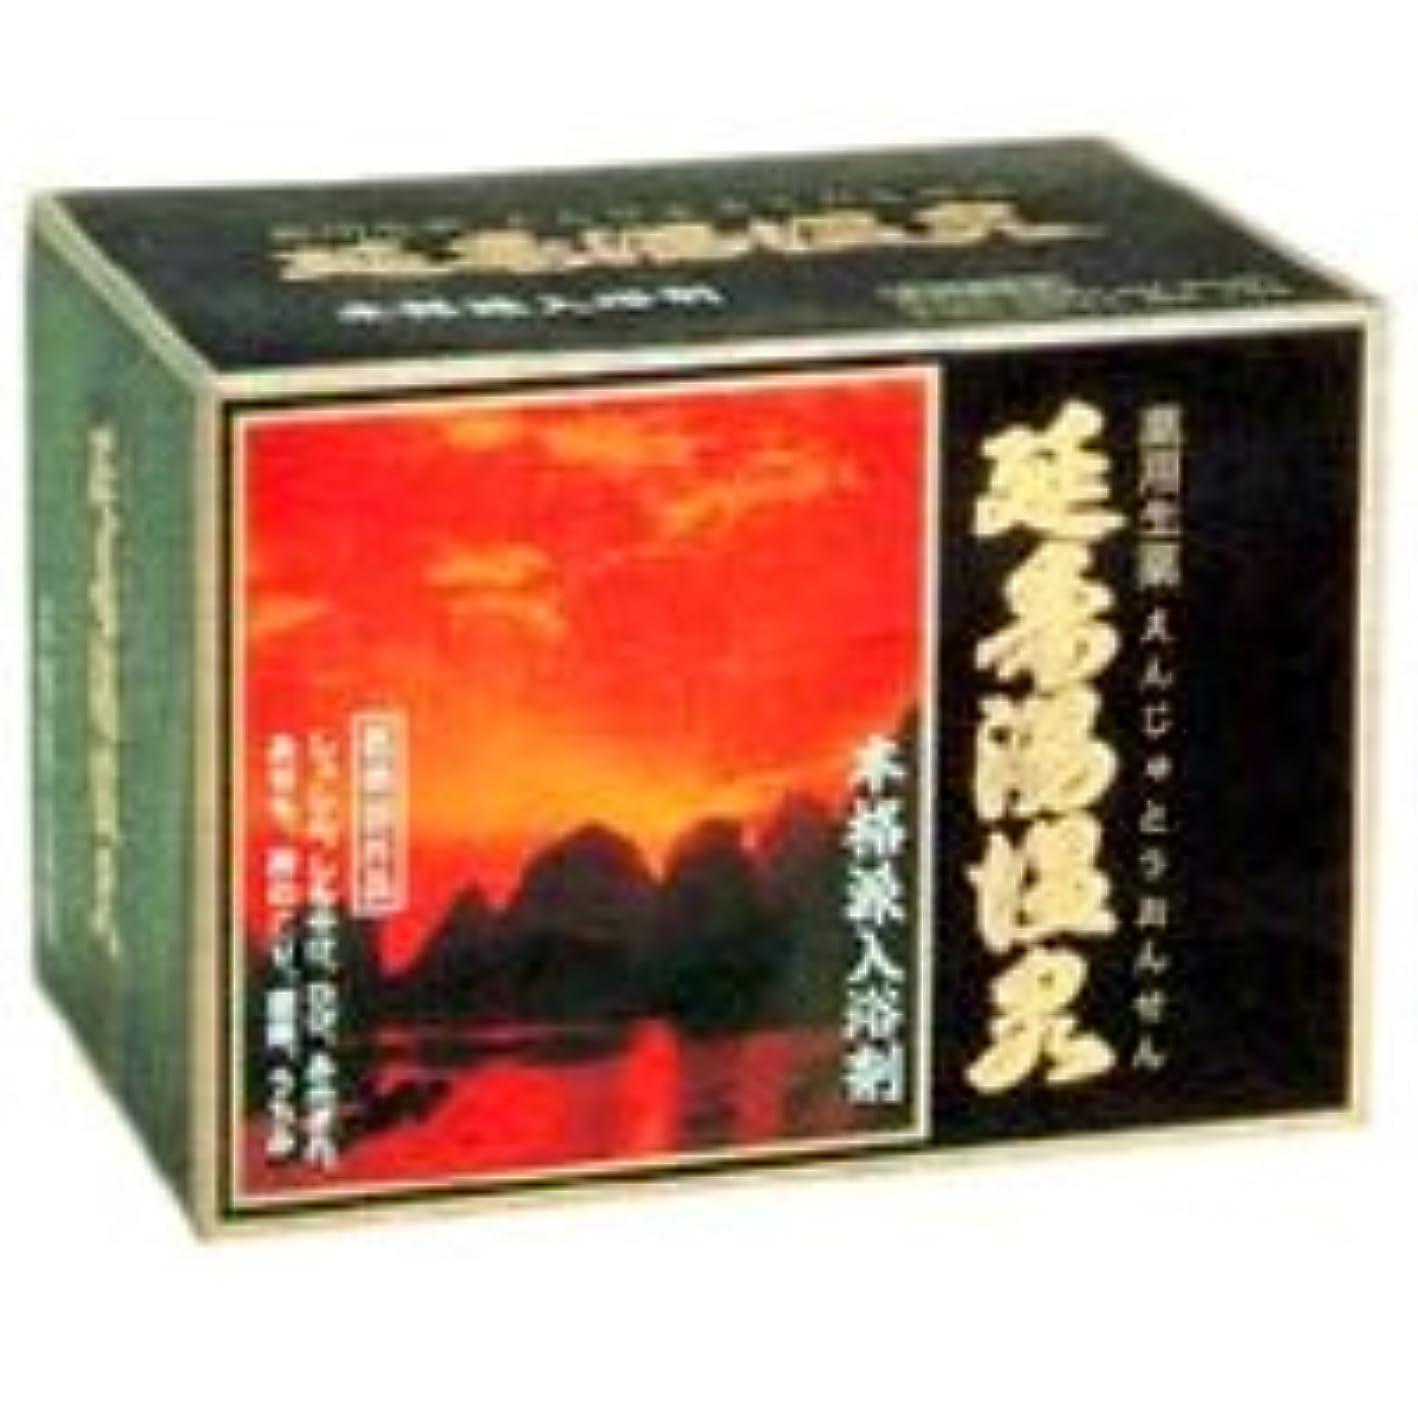 あまりにもベスビオ山支援する入浴剤 延寿湯温泉(えんじゅとう)12包入×3箱+5包おまけ 天然生薬配合 医薬部外品